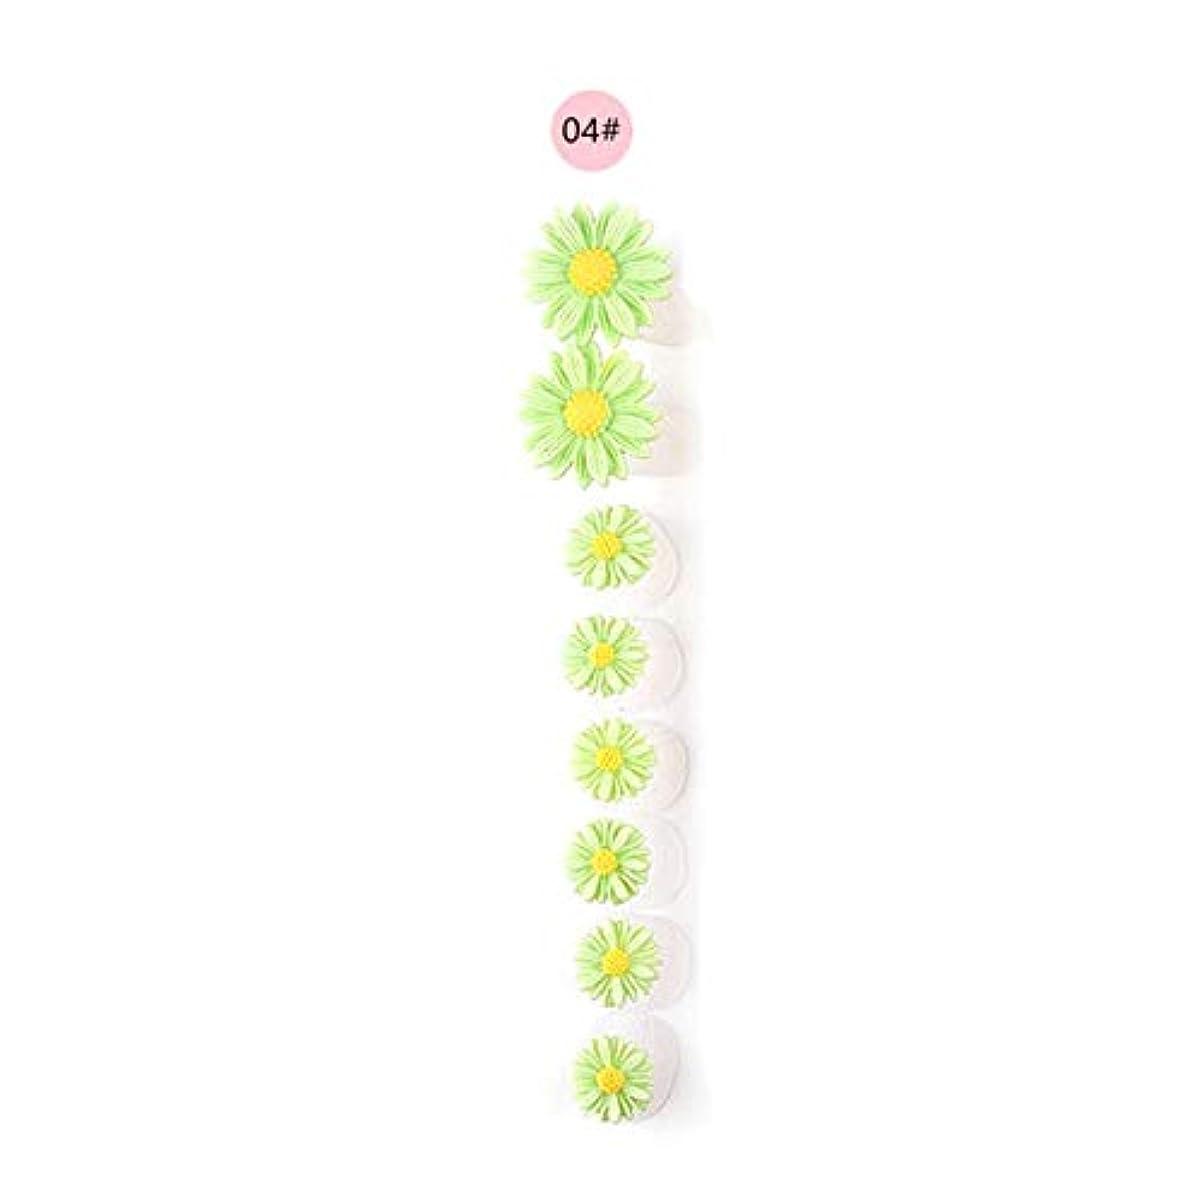 無数の変数頼む8ピース/セットシリコンつま先セパレーター足つま先スペーサー花形ペディキュアDIYネイルアートツール-カラフル04#